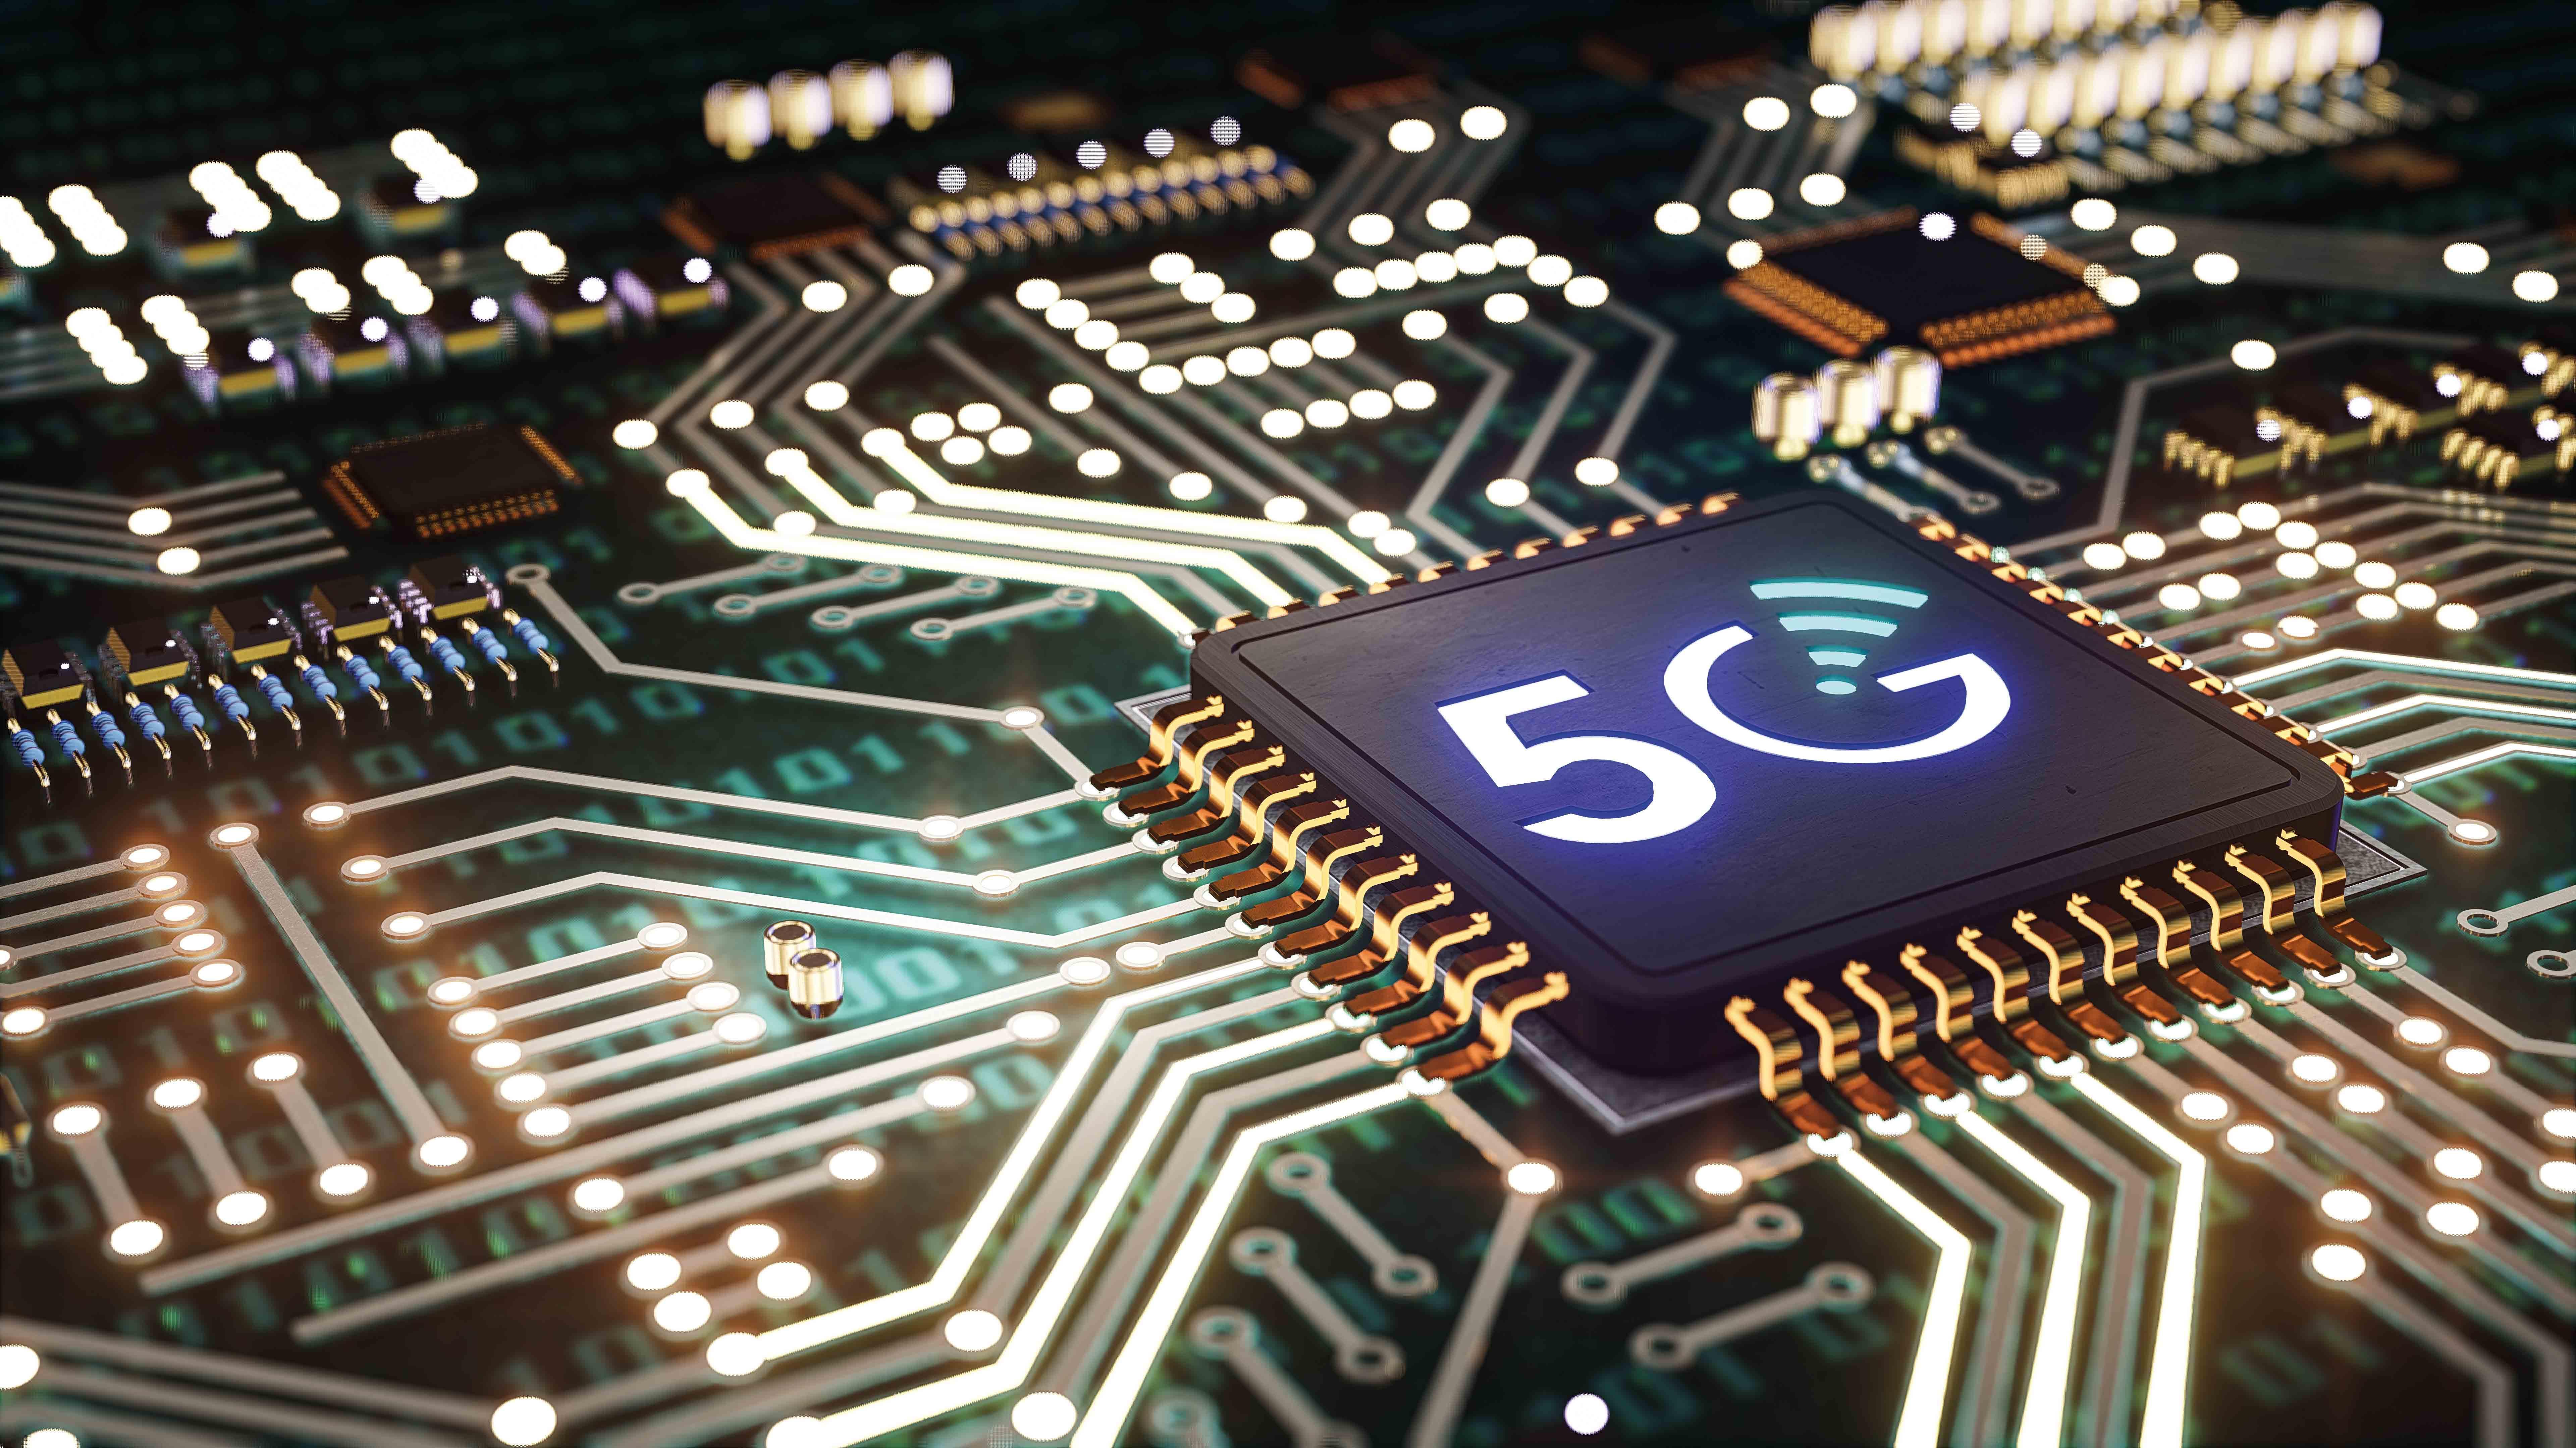 La tecnología 5G avanza en el Perú y Entel potenciará su oferta en el segmento hogar